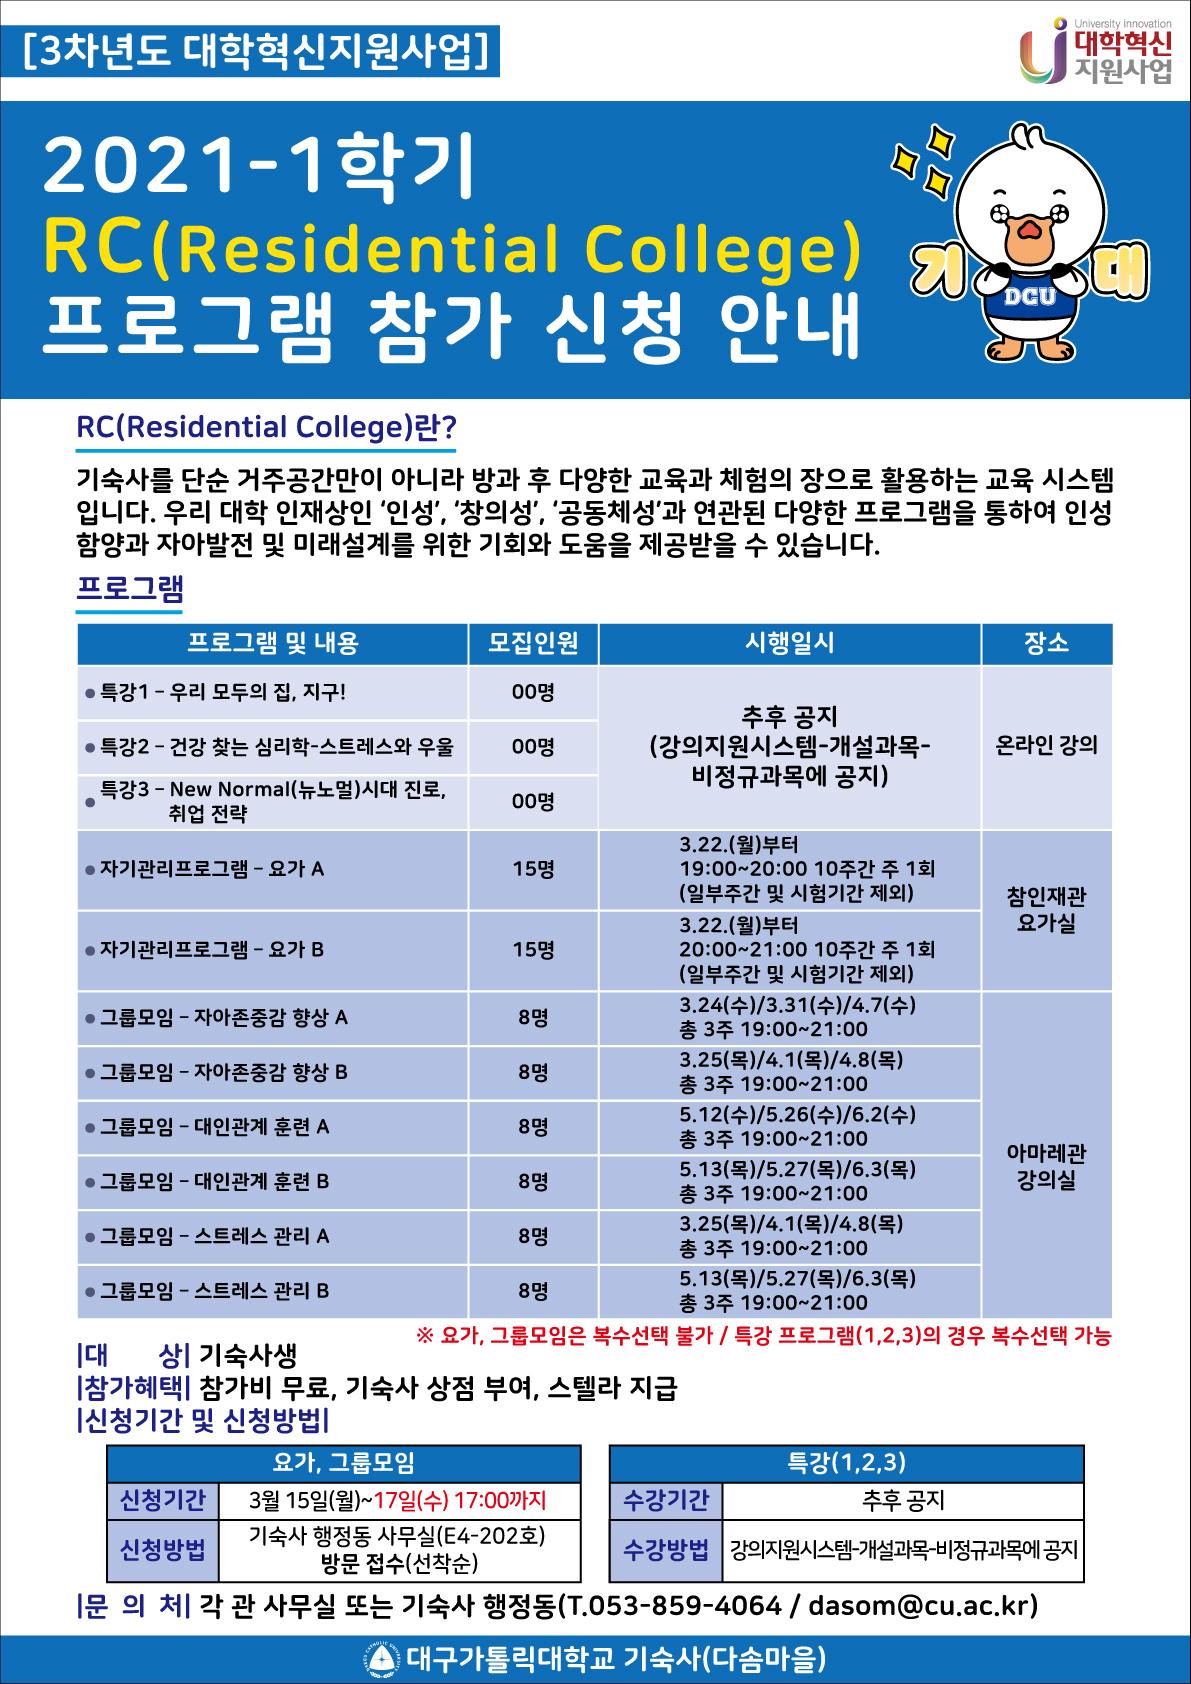 210312_기숙사_RC프로그램_포스터_전단_v004.jpg